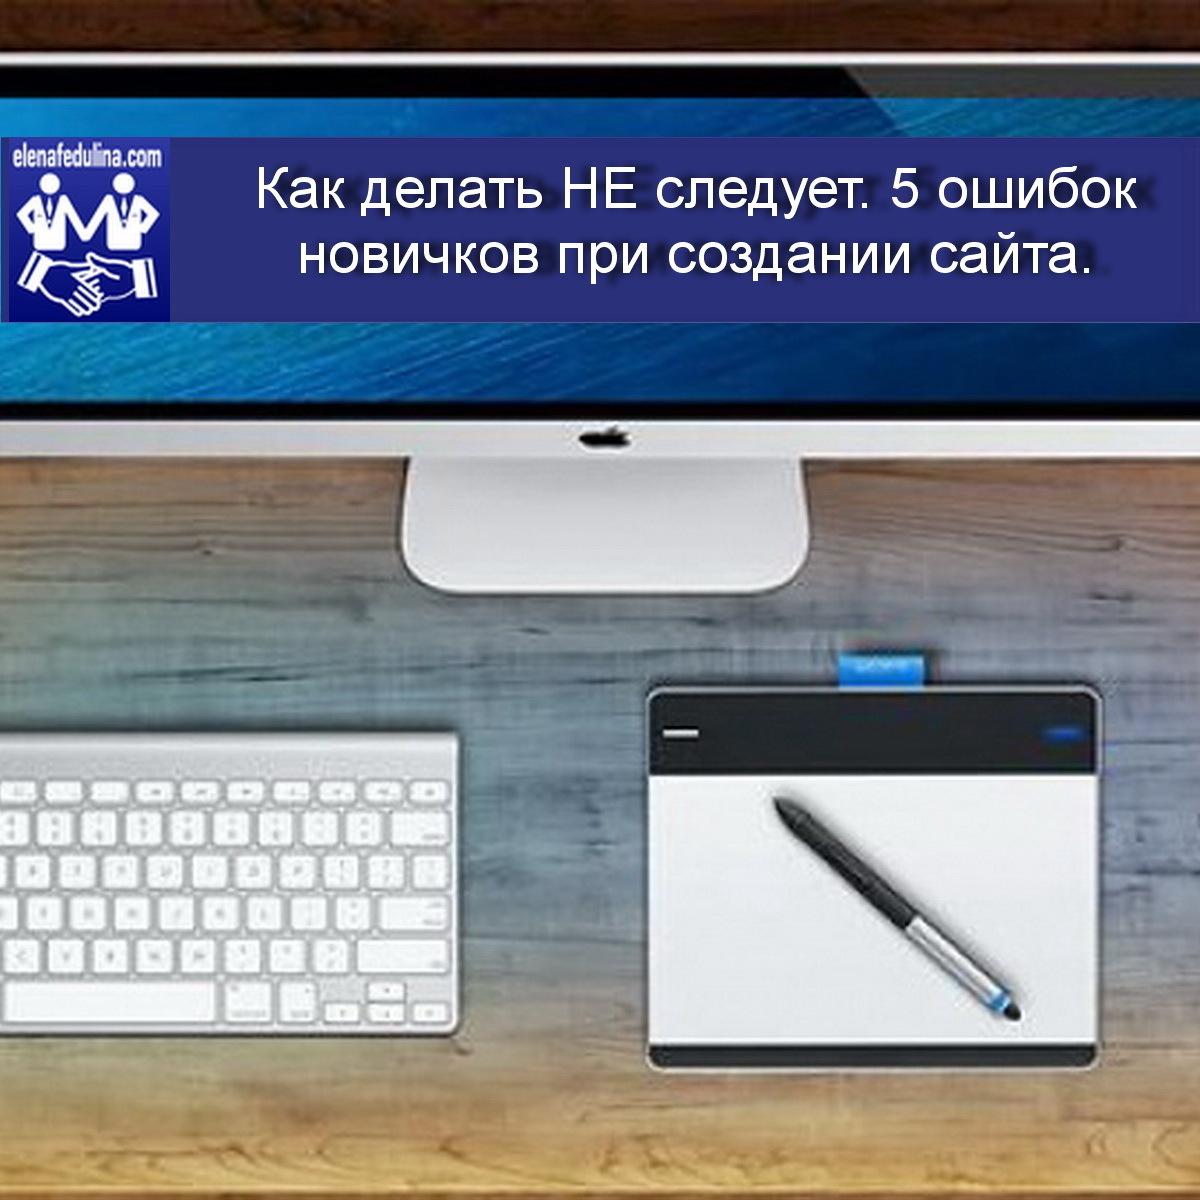 Как избежать ошибок при создании сайта уральская горнодобывающая компания екатеринбург официальный сайт